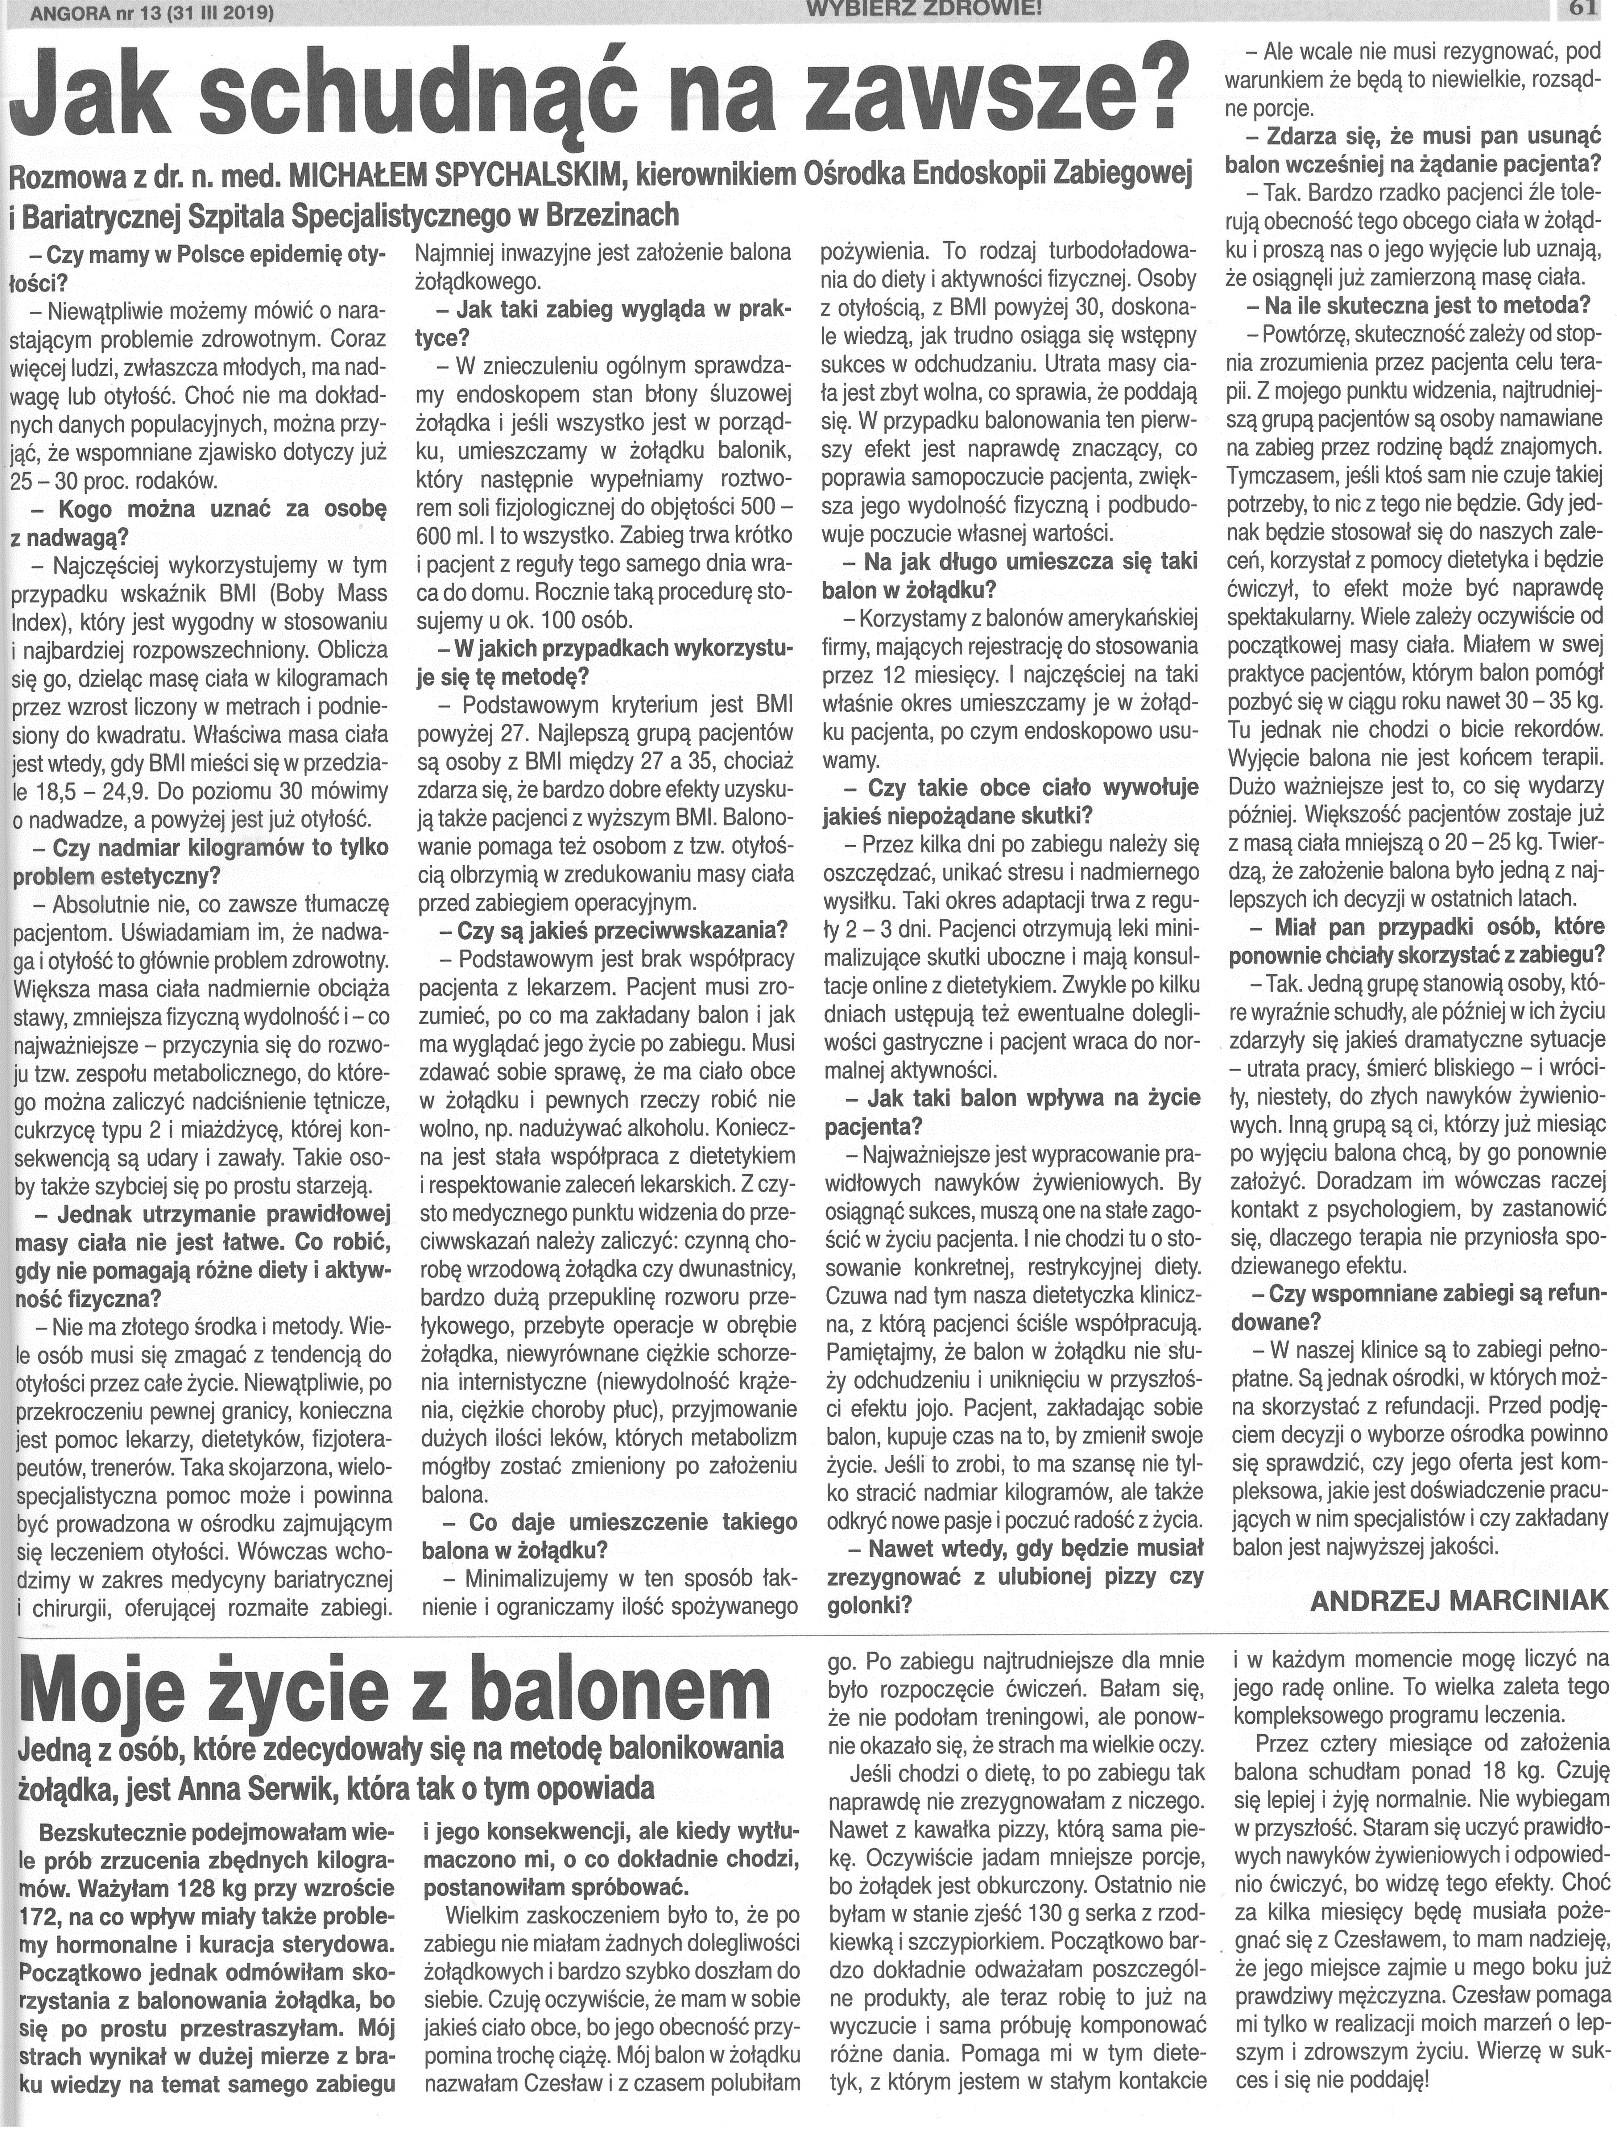 Wywiad z dr Spychalskim odnośnie implantacji Balonu Żołądkowego